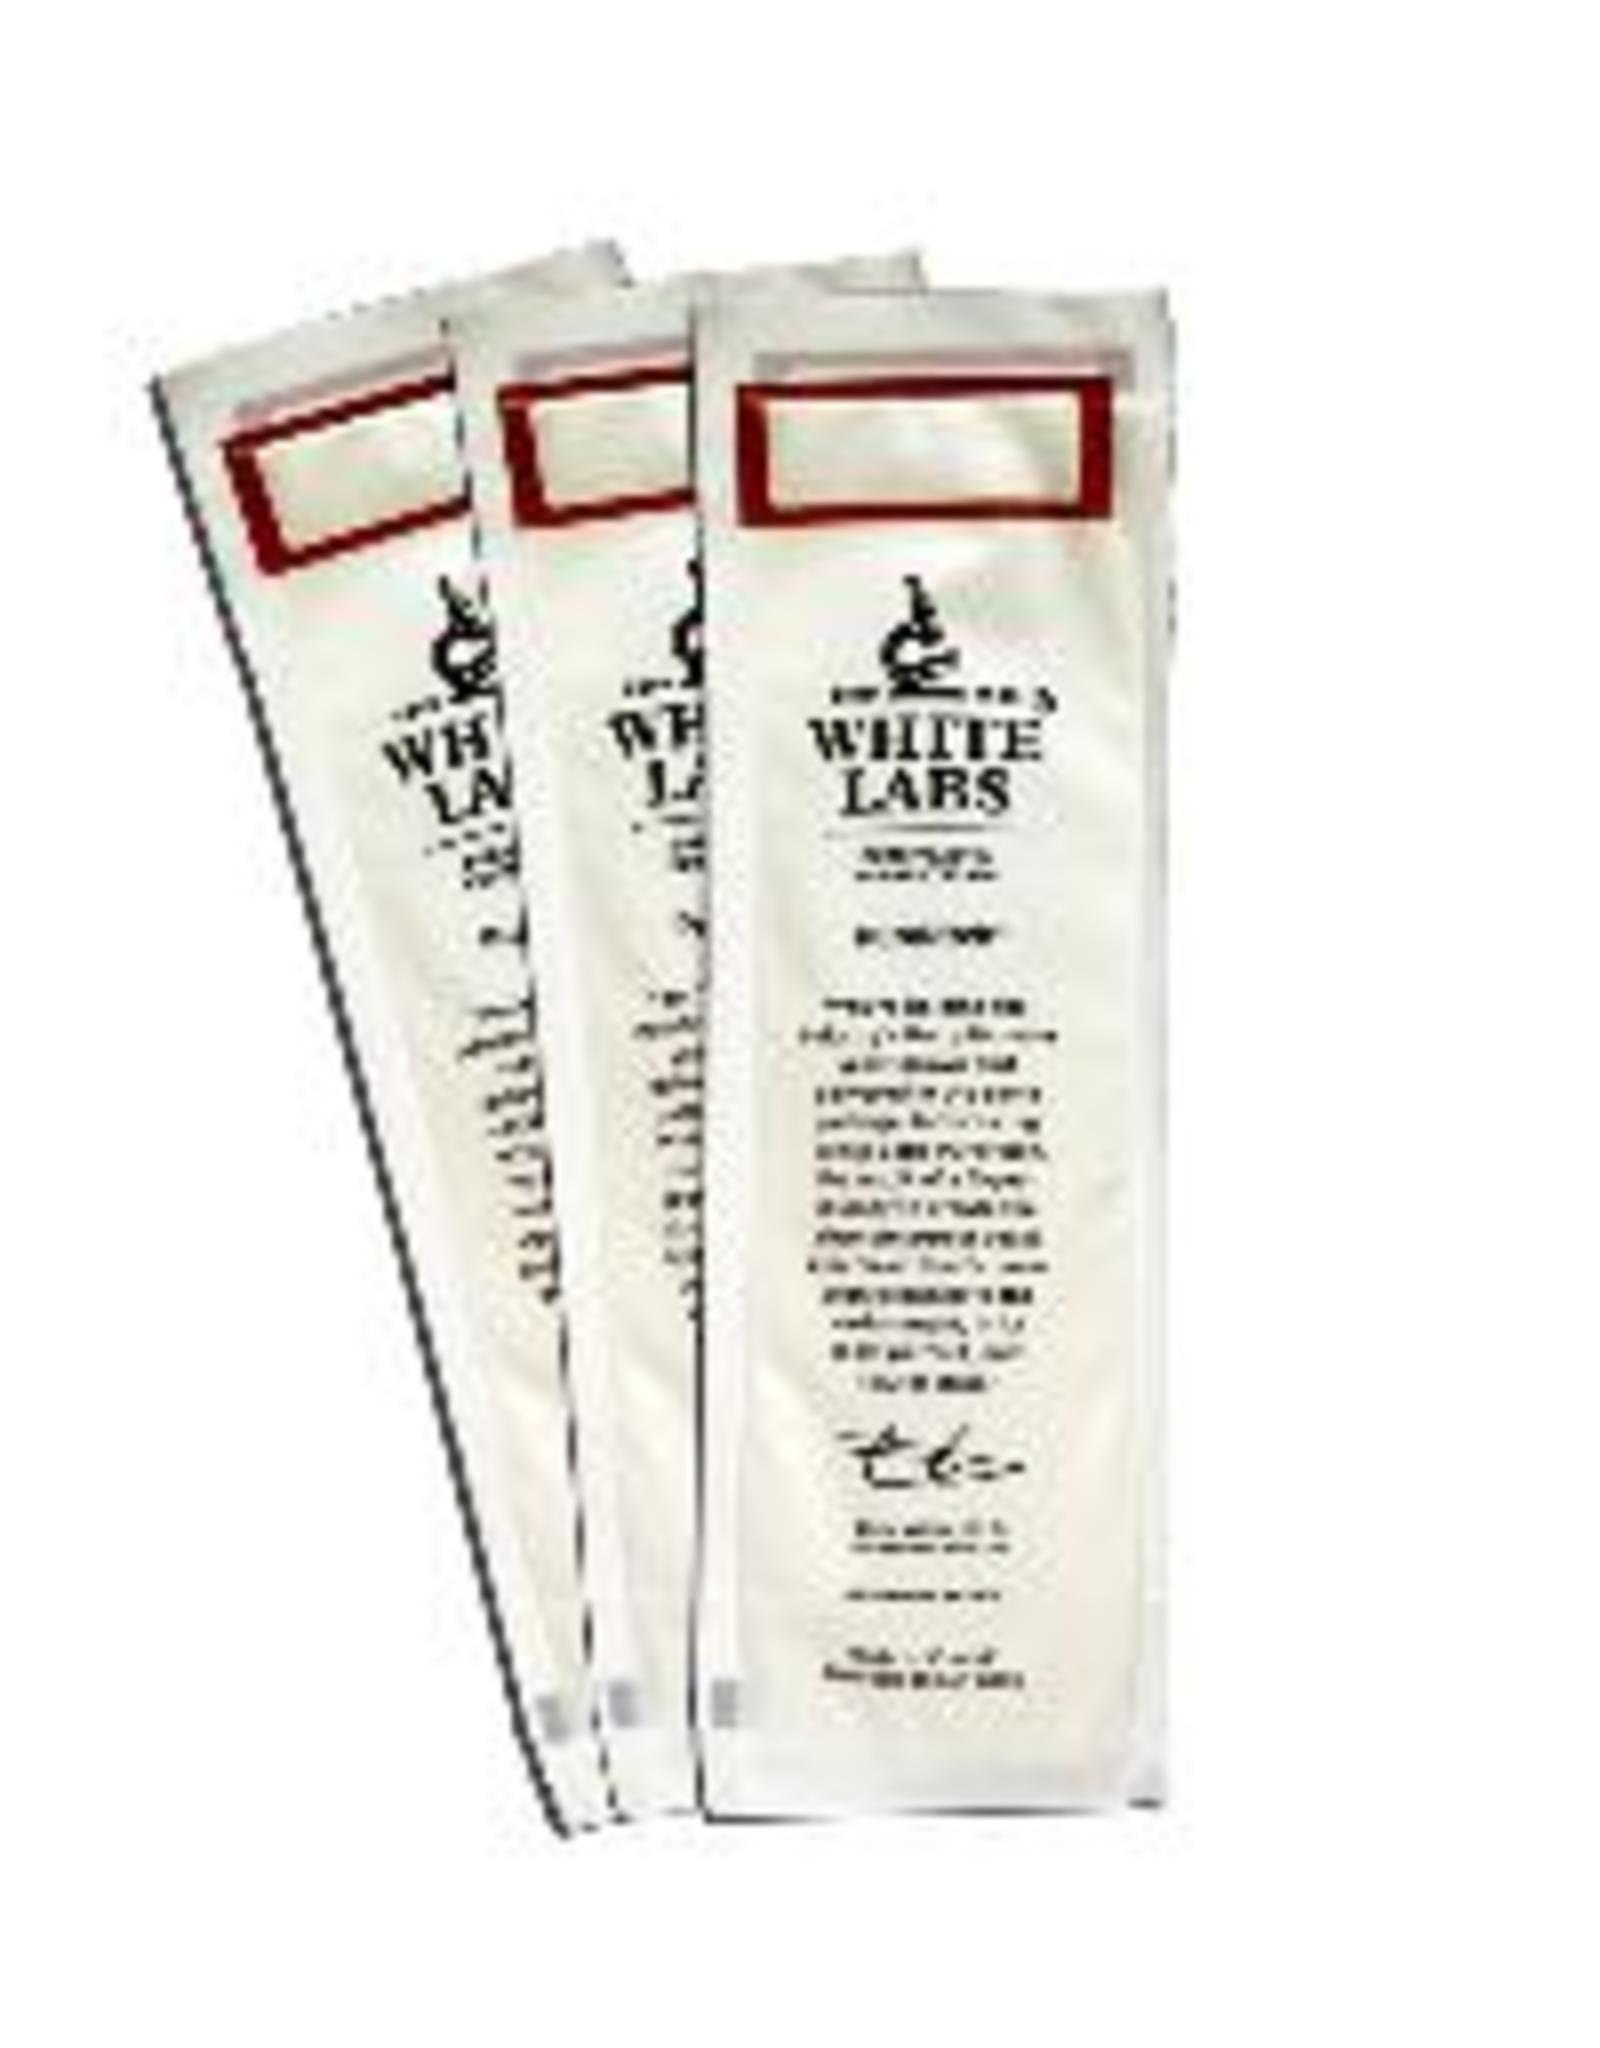 WLP090 WHITE LABS SAN DIEGO LIQUID YEAST